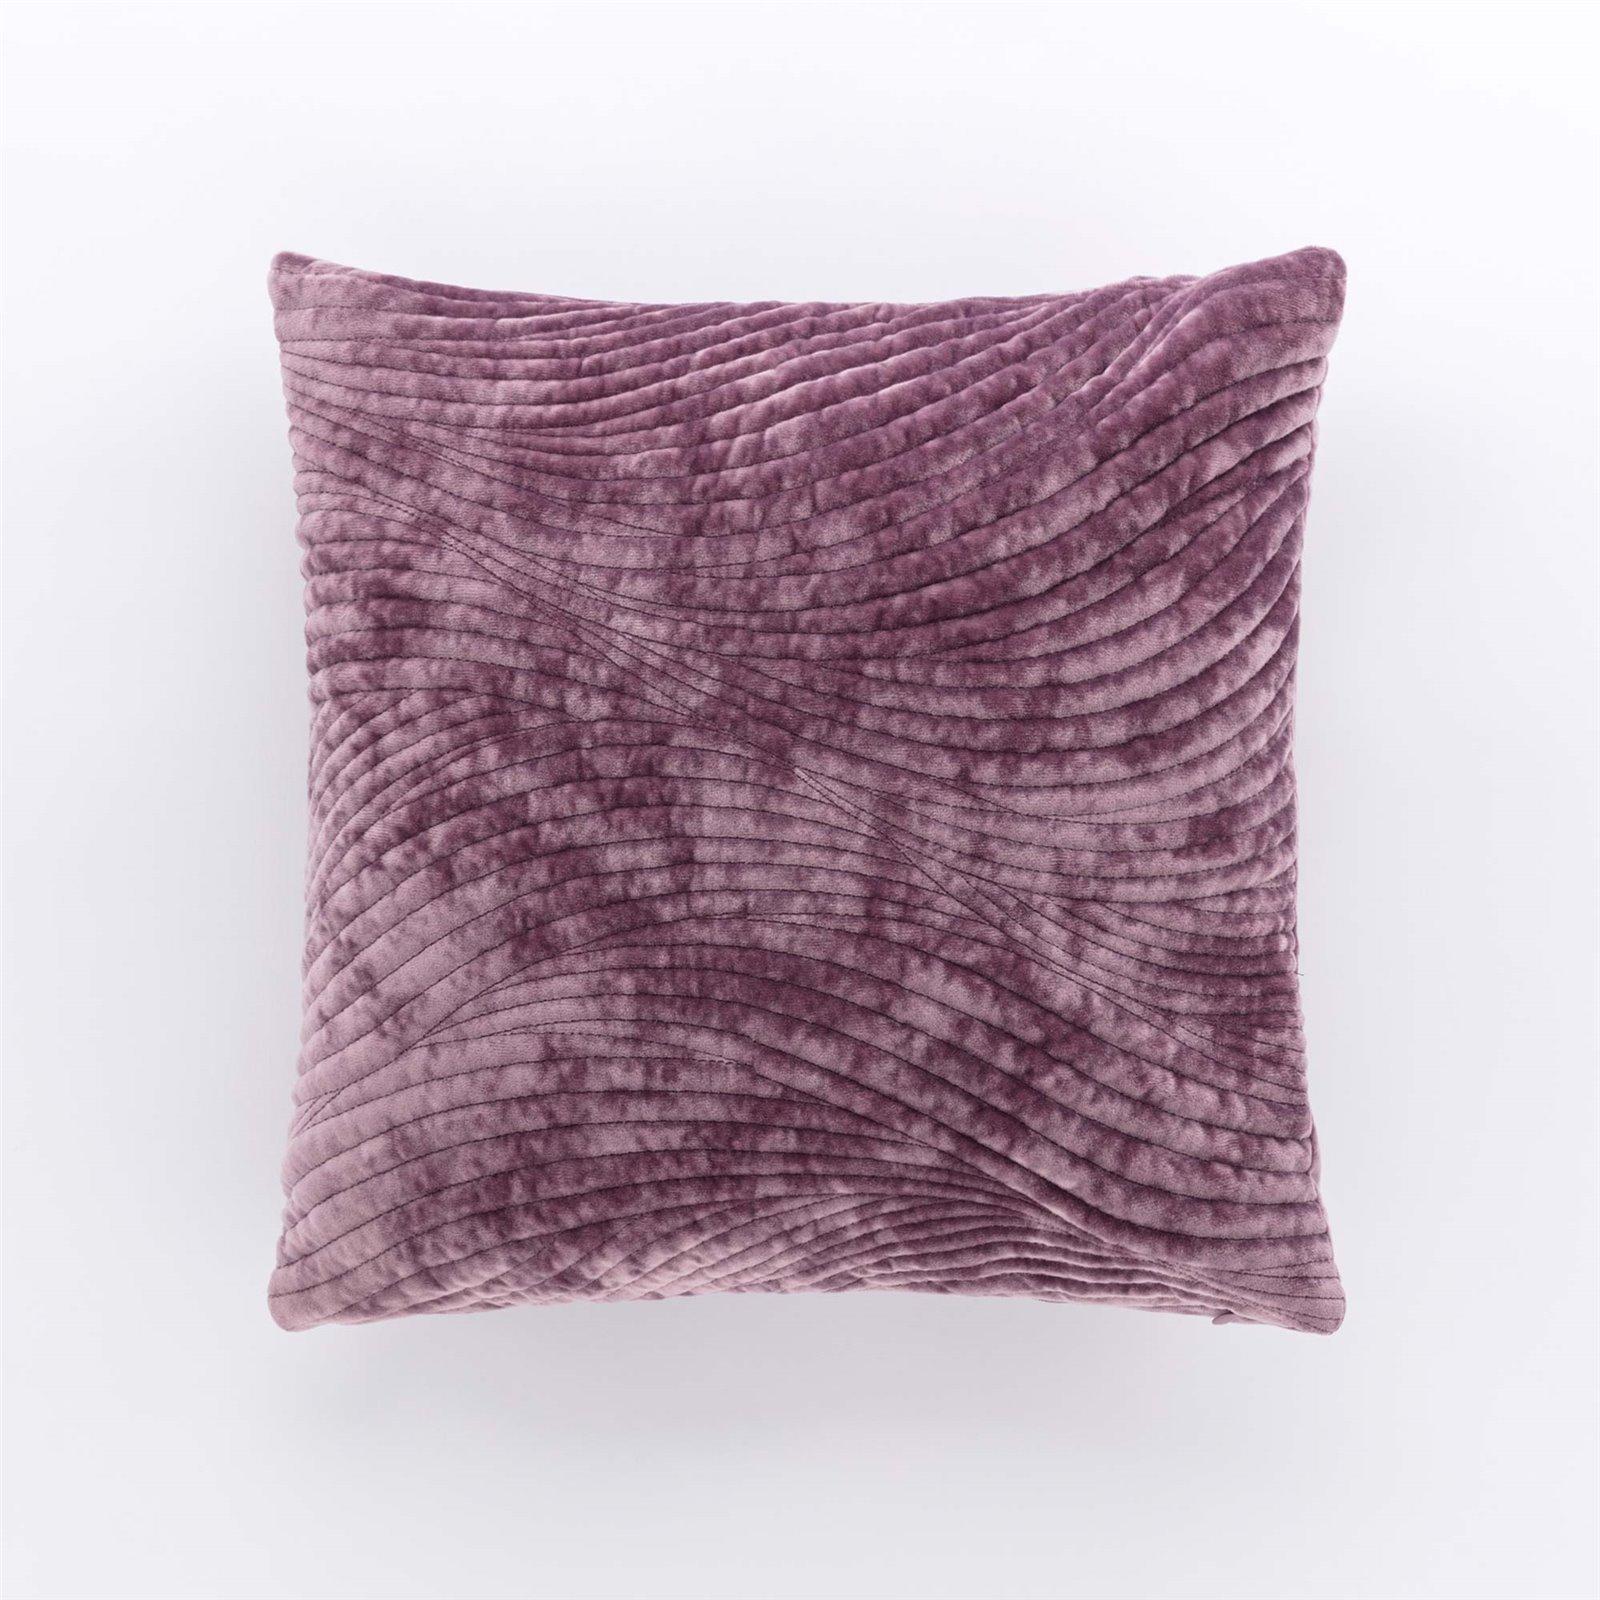 Jacquard Sinclaire Towel set 1+1